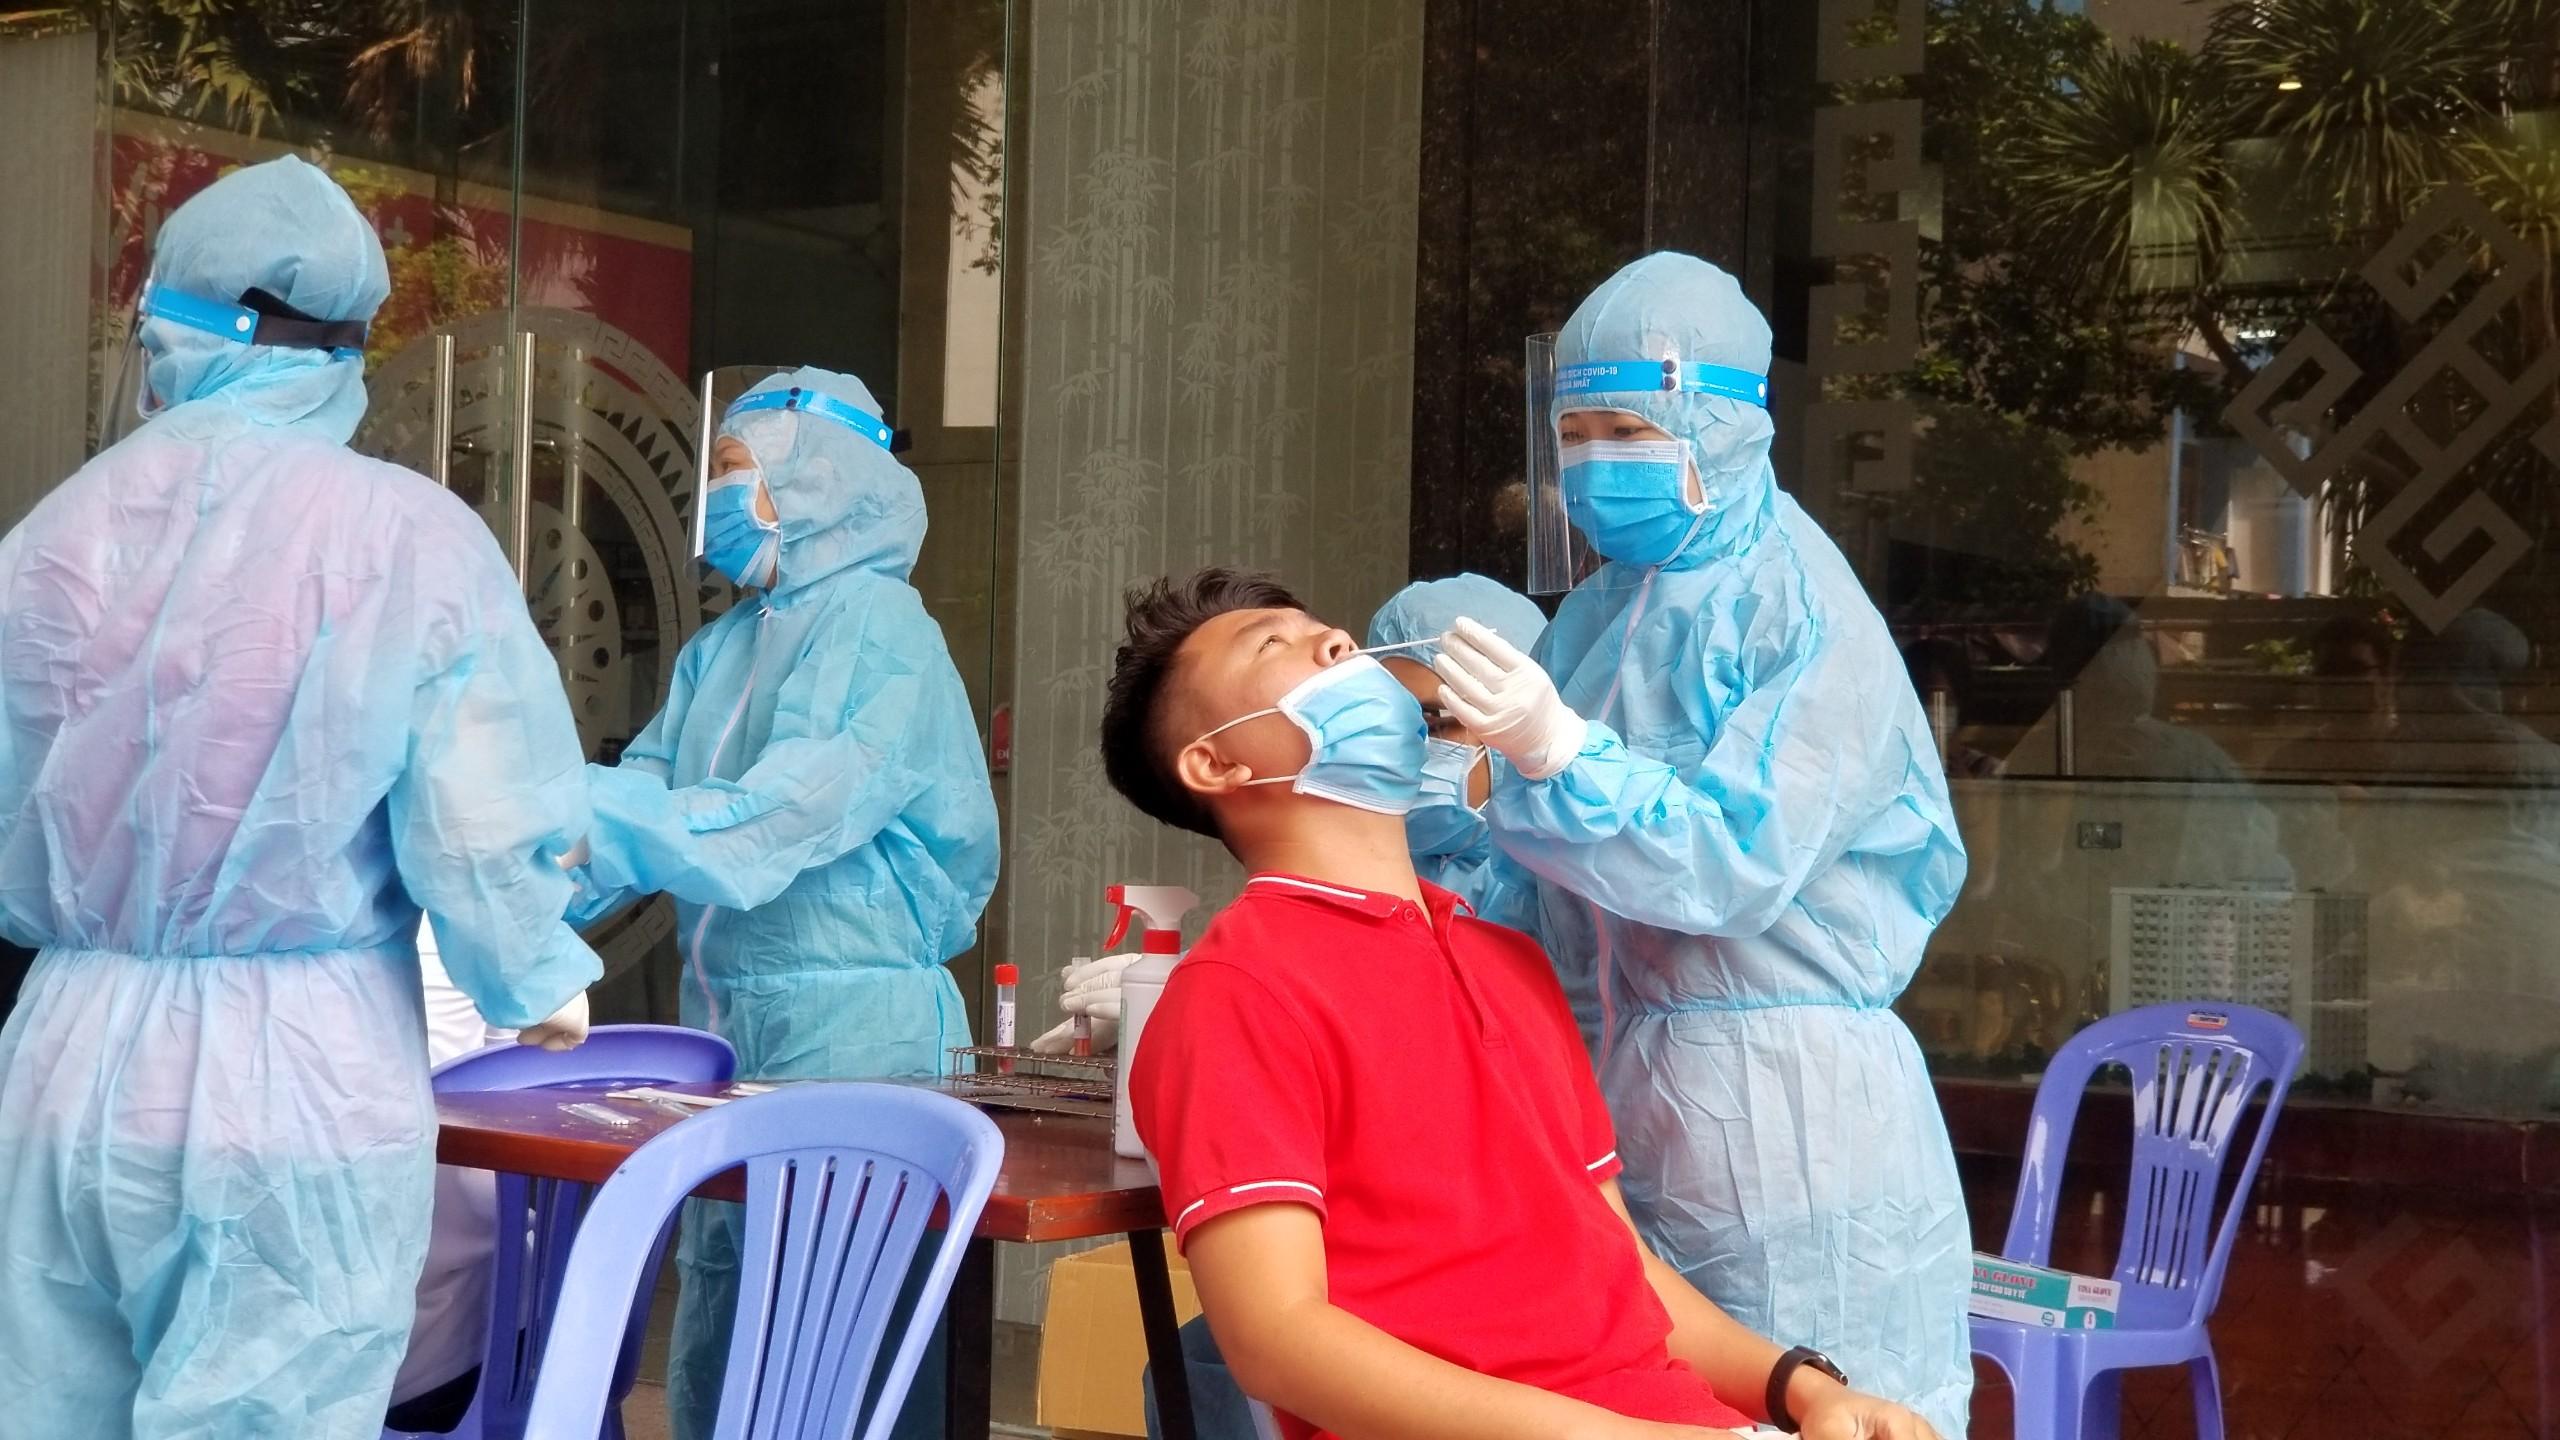 Toàn bộ cơ sở khám, chữa bệnh ở TP.HCM xét nghiệm nhanh kháng nguyên SARS-CoV-2 - Ảnh 1.